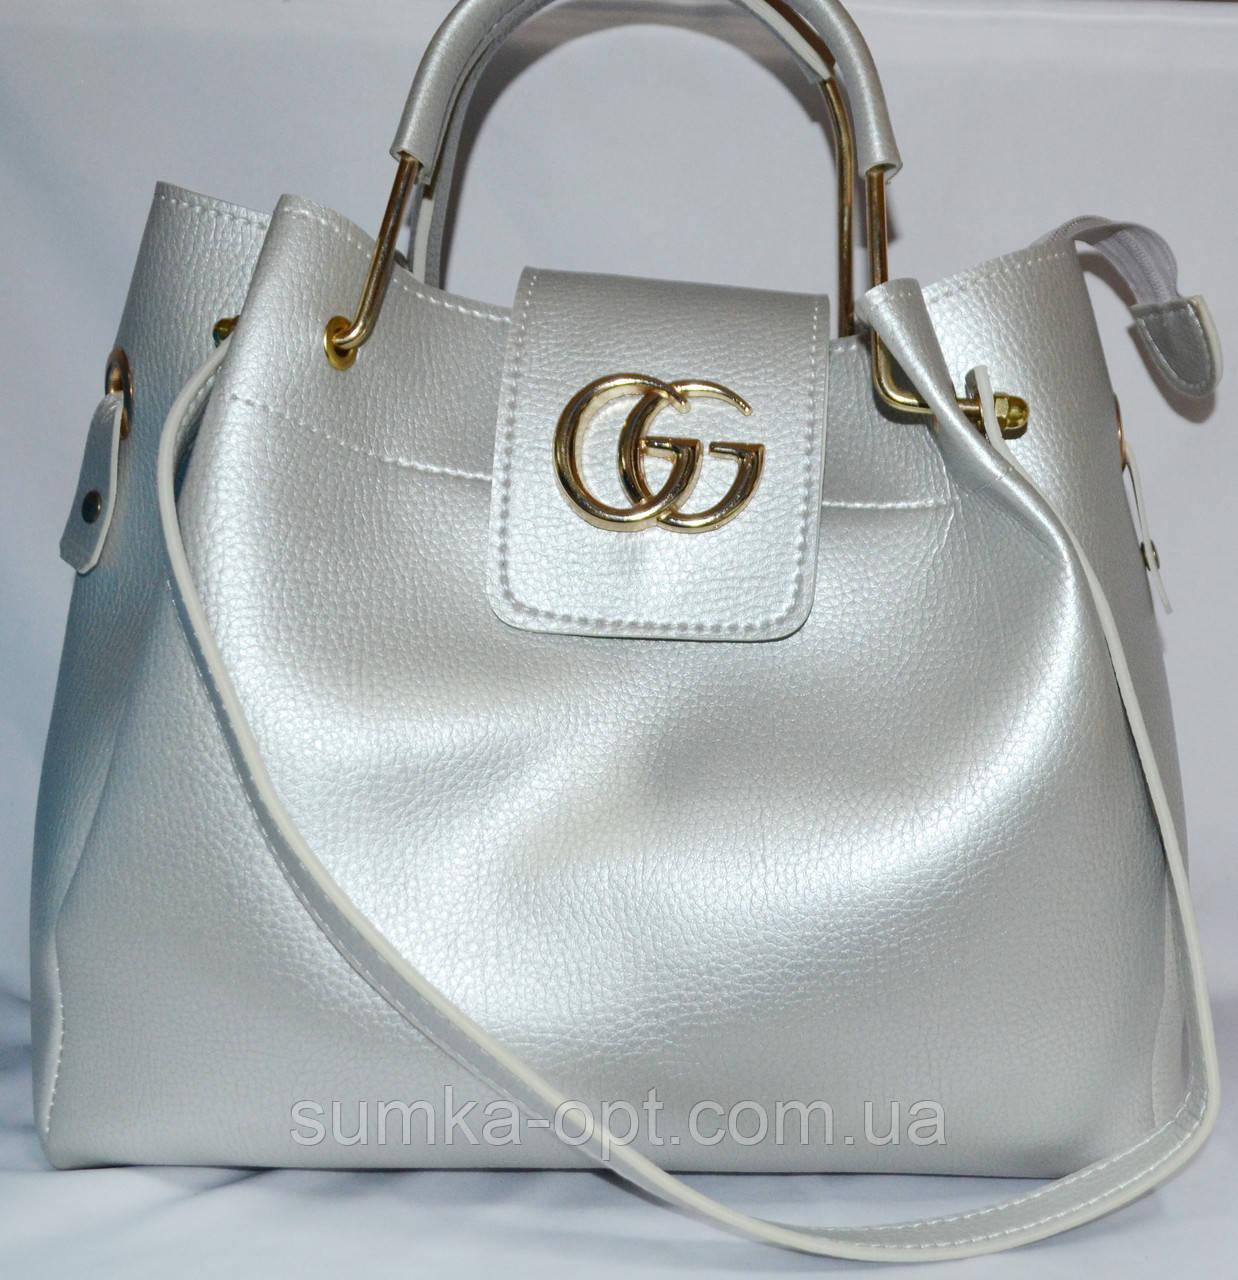 Женские сумки брендовые Gucci 2-в-1 (серебро)28 31  продажа, цена в ... 984fe5c84e3